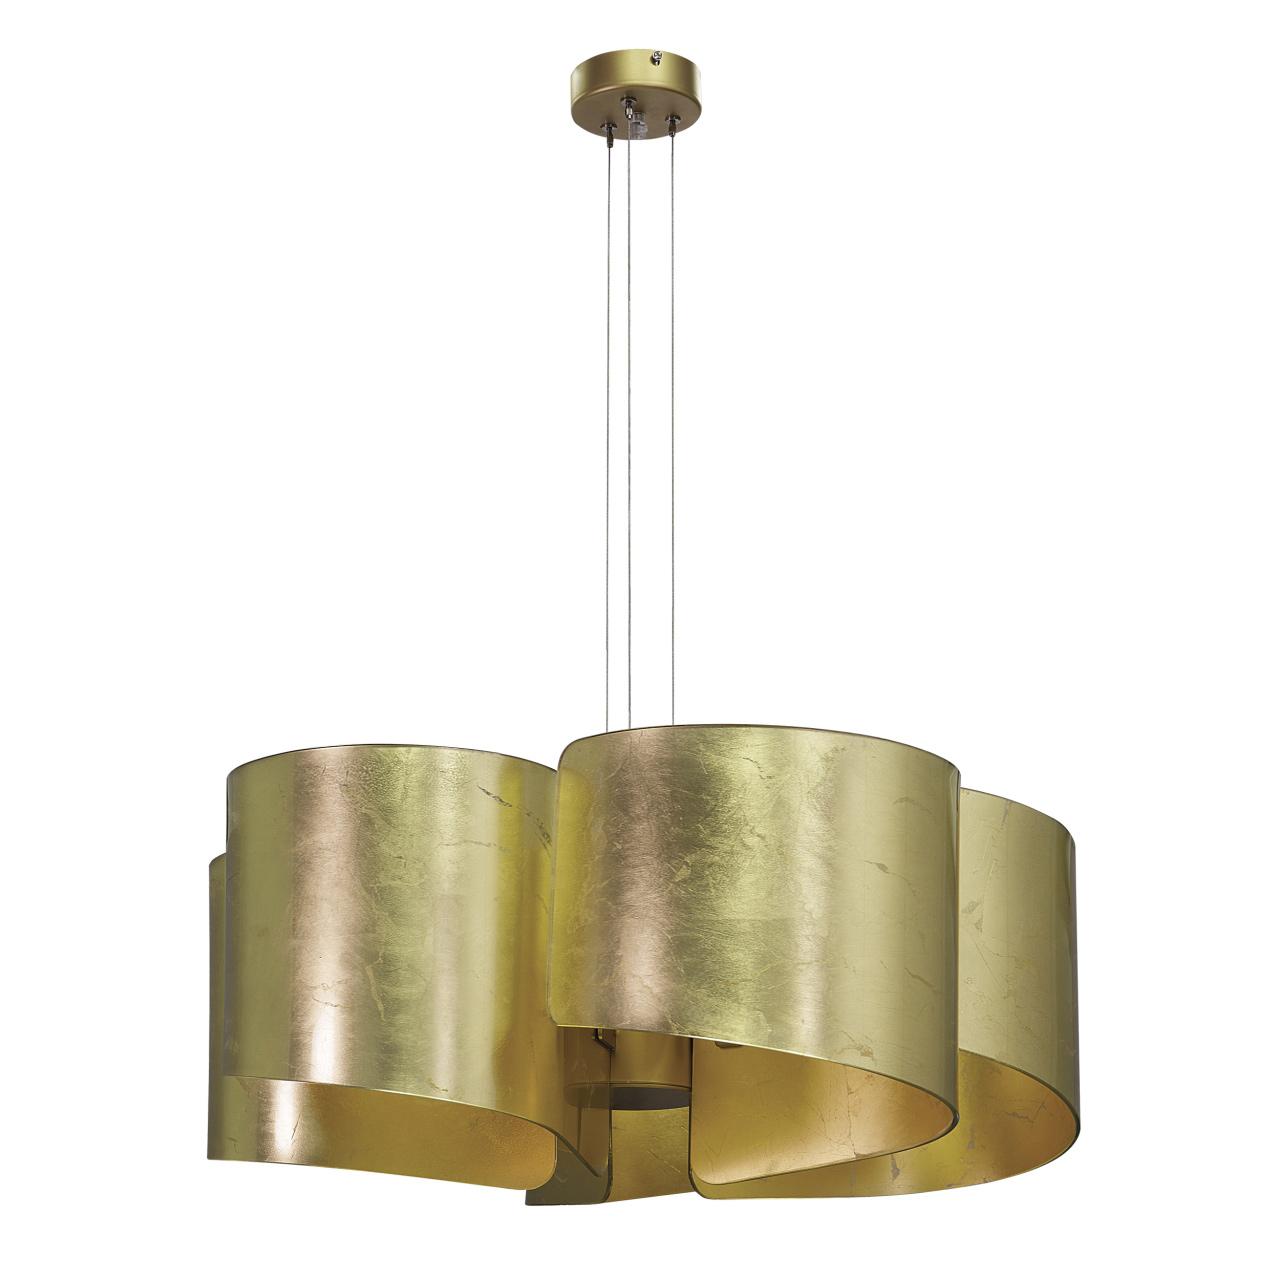 Люстра подвесная Pittore 5х40W E27 golden Lightstar 811152